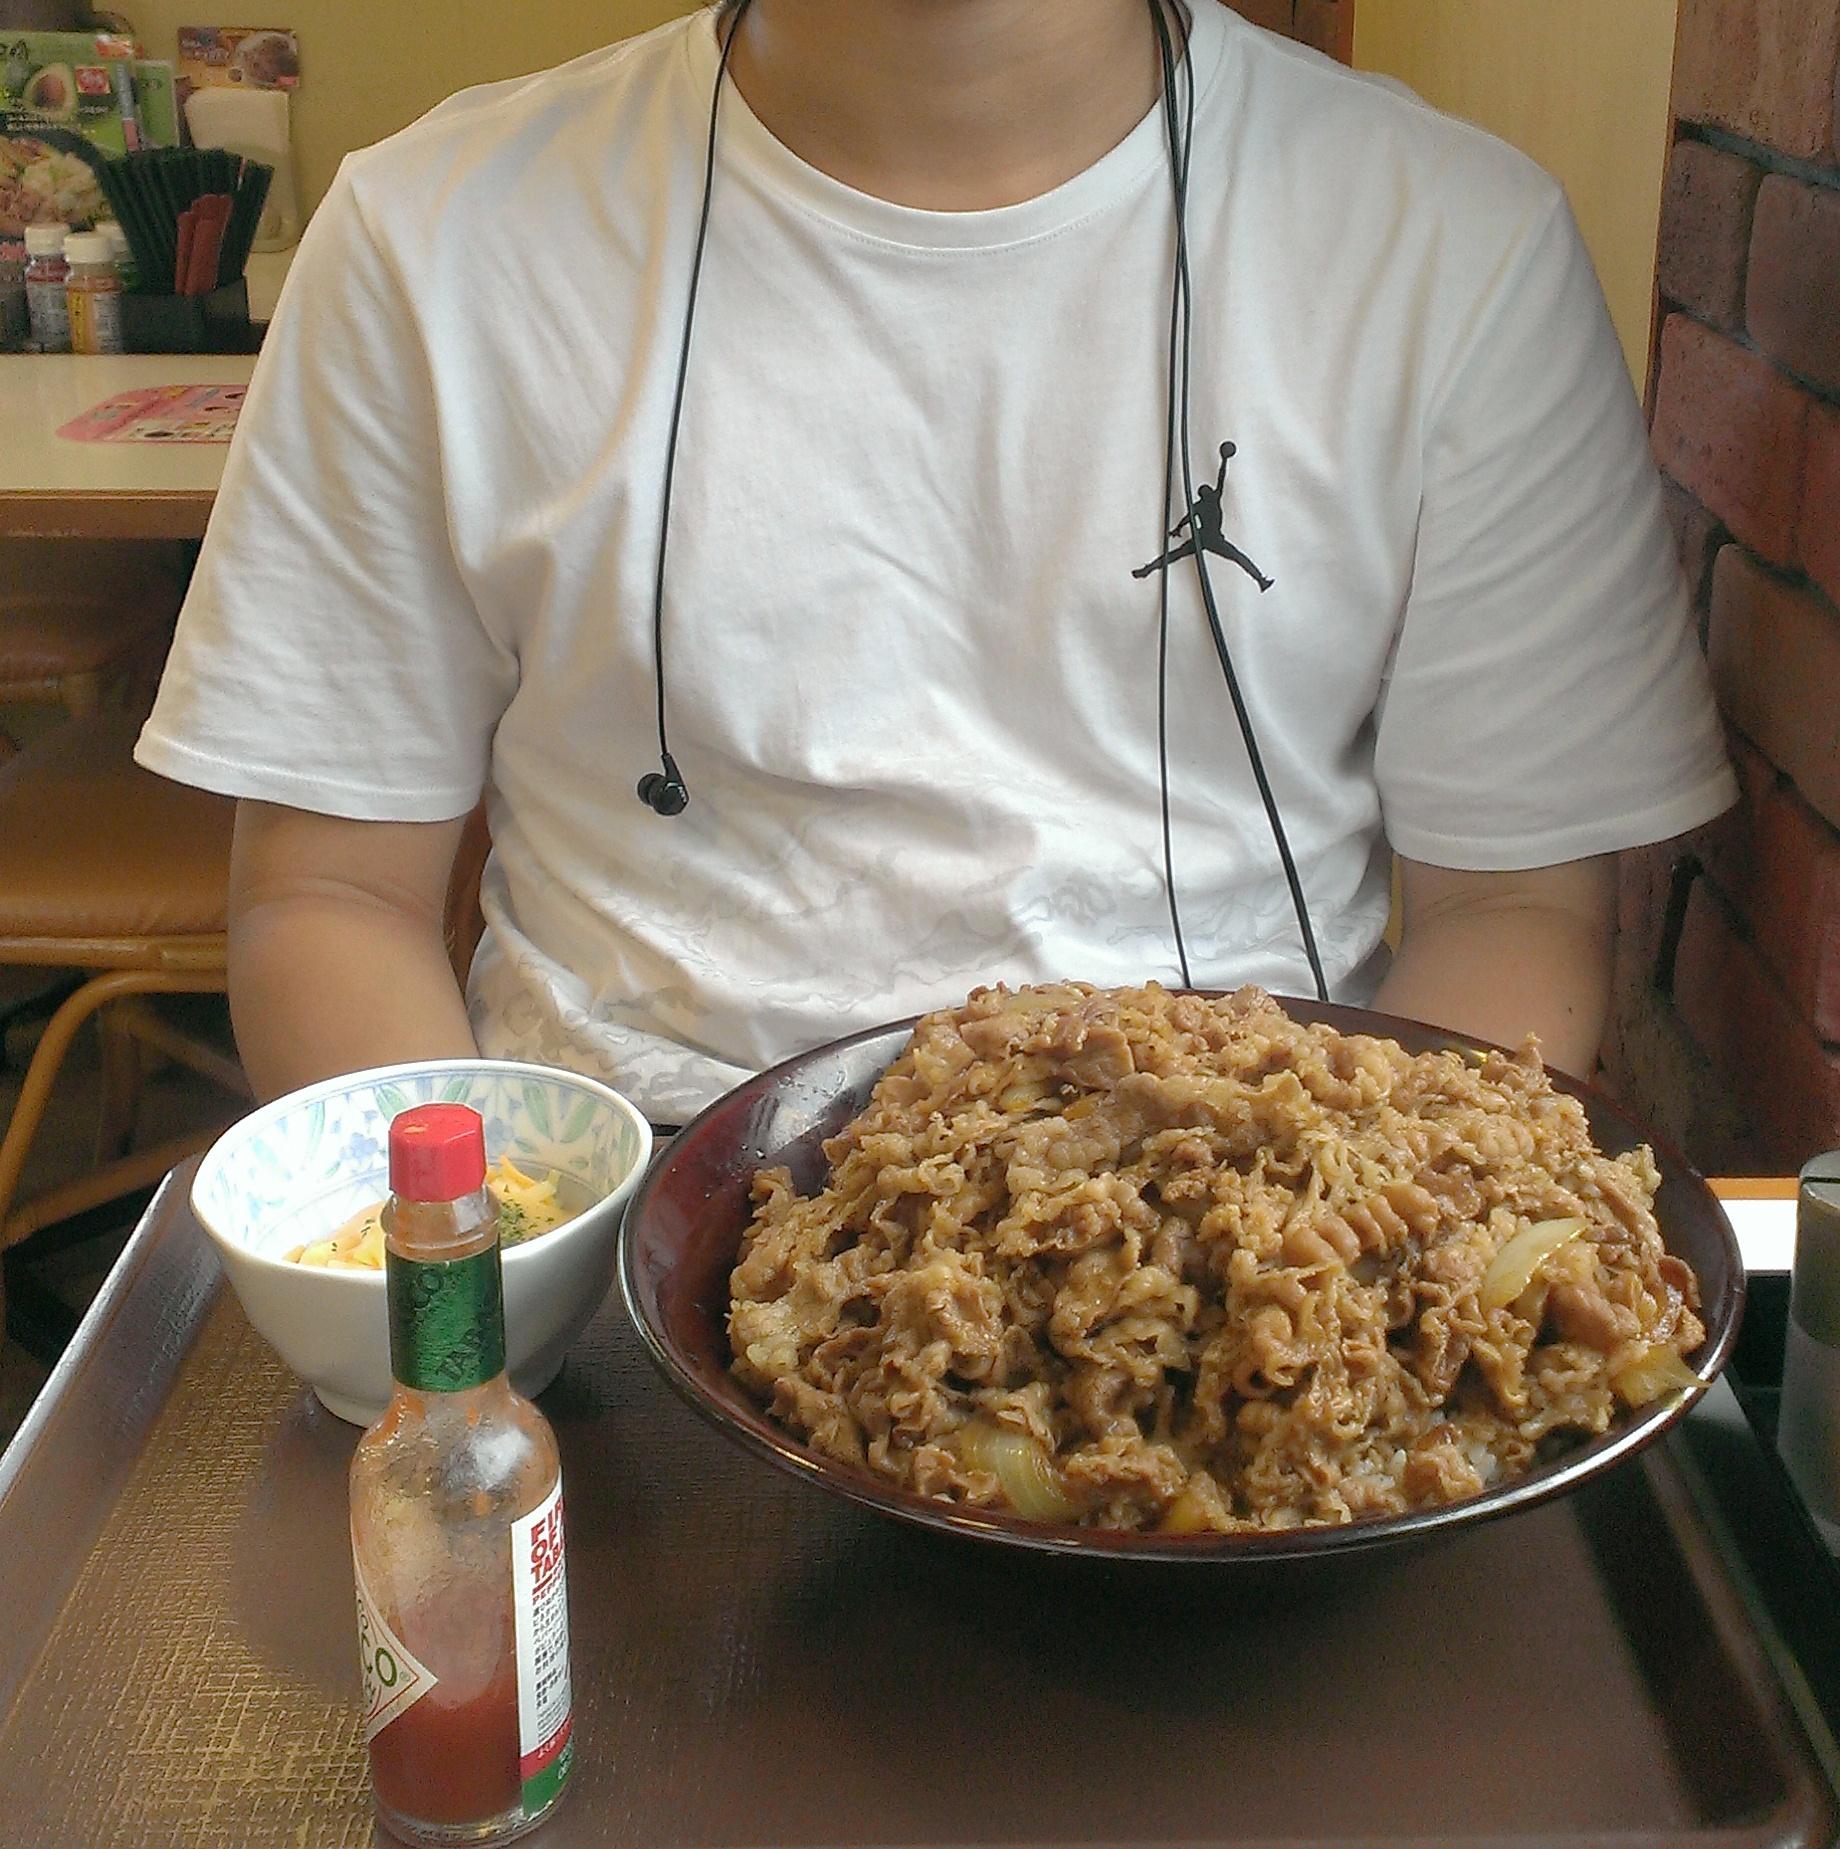 【目で】食い物の画像見せろや 86食目【味わえ】 [無断転載禁止]©2ch.net->画像>477枚